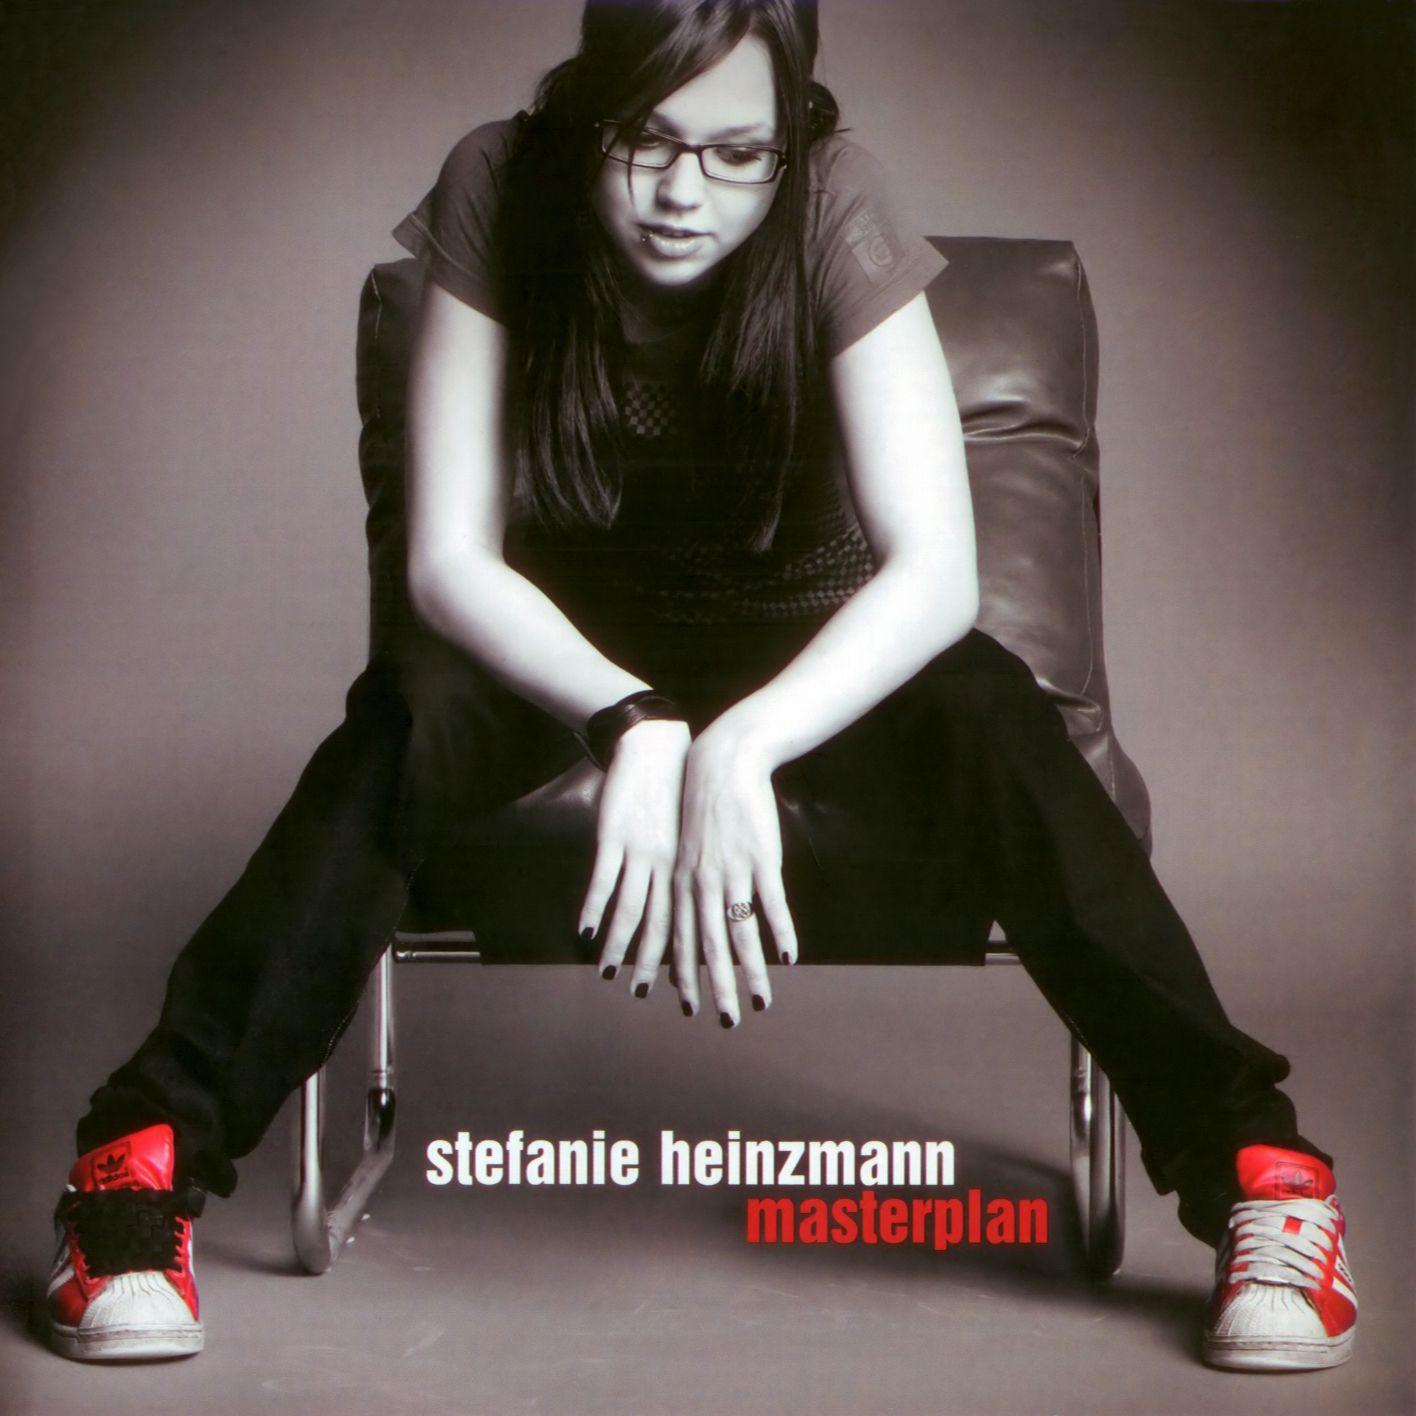 Stefanie Heinzmann - Masterplan album cover